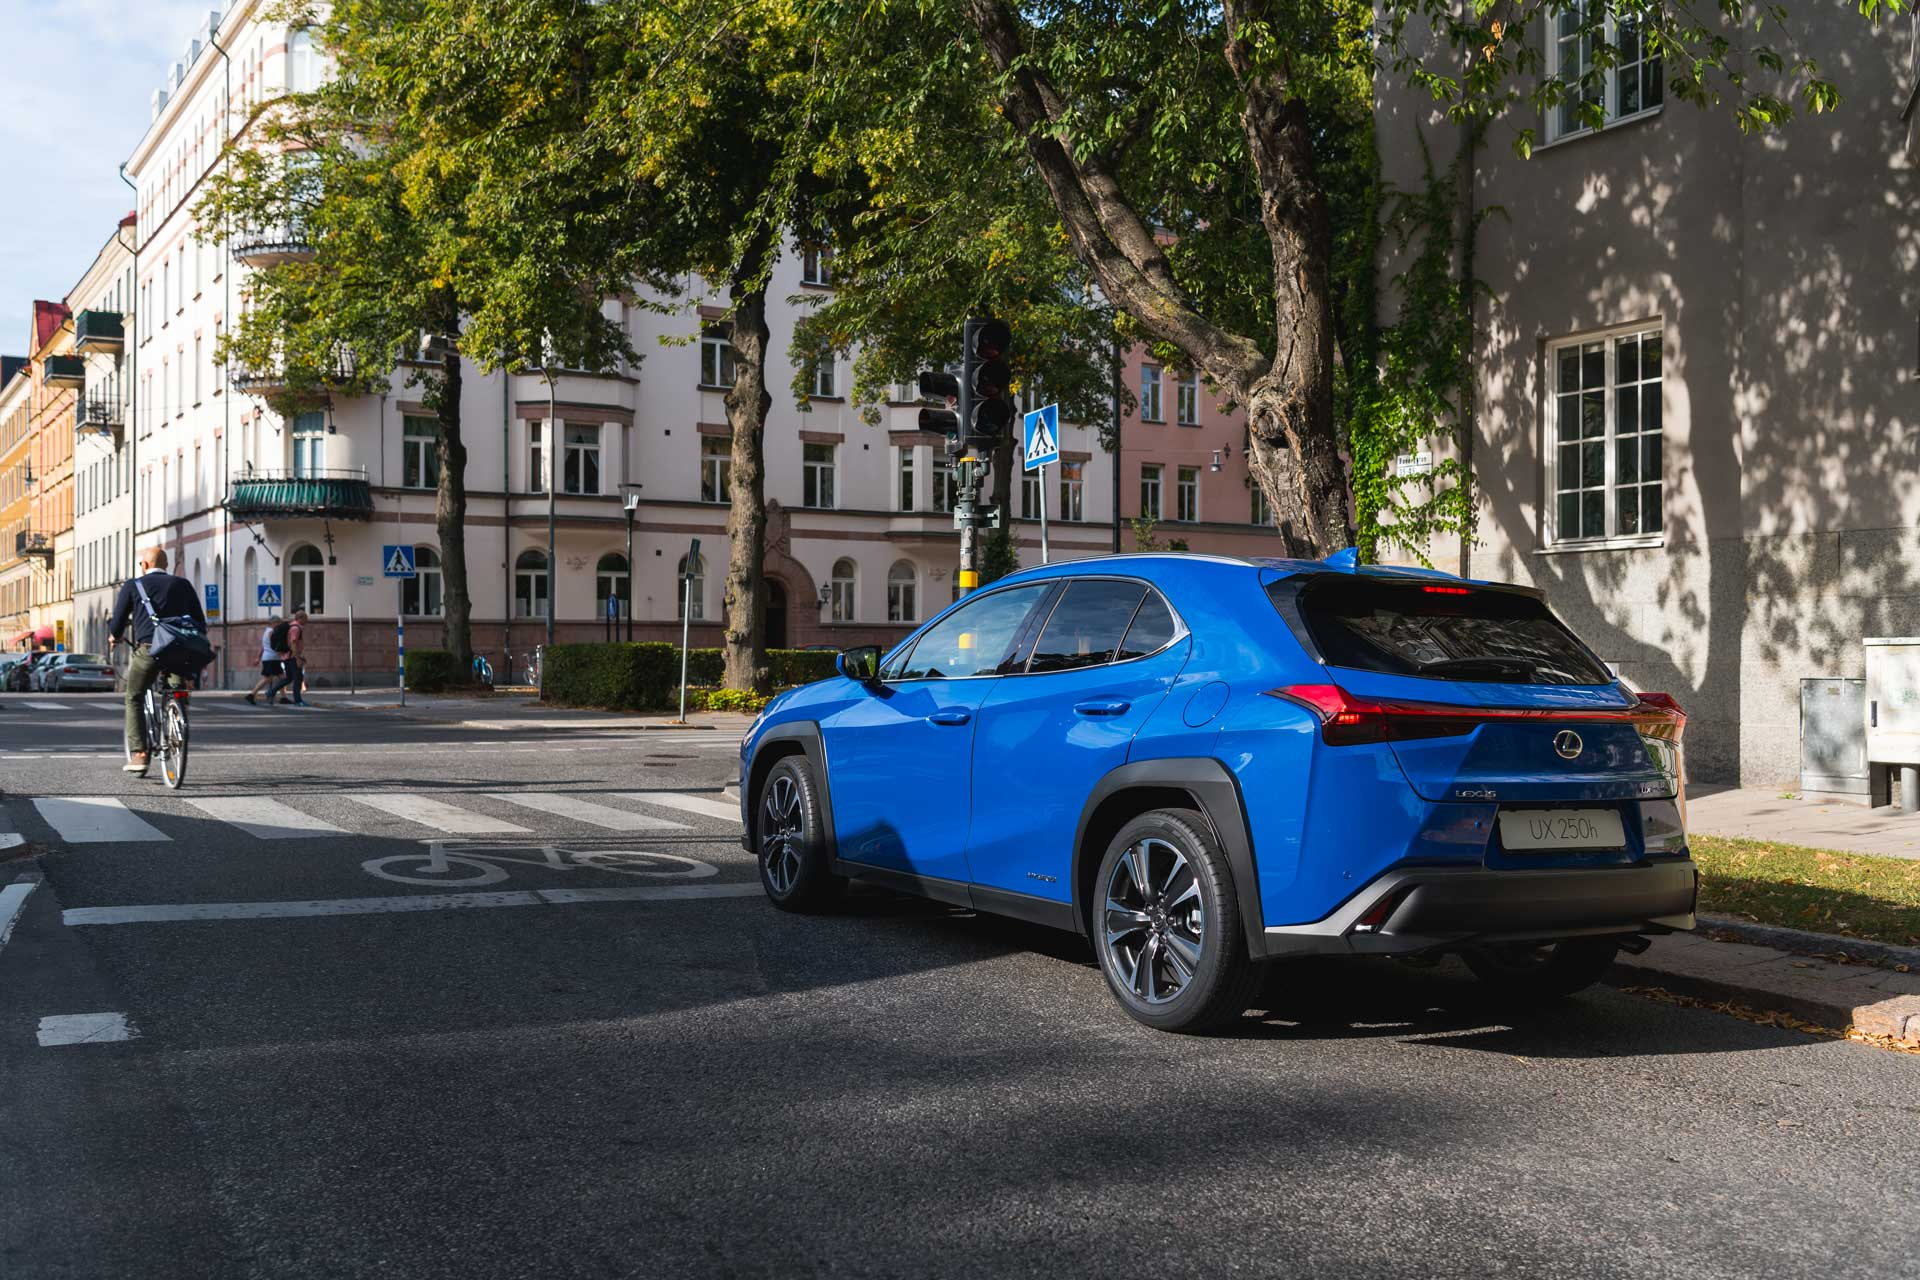 UX 200h montré en Bleu céleste